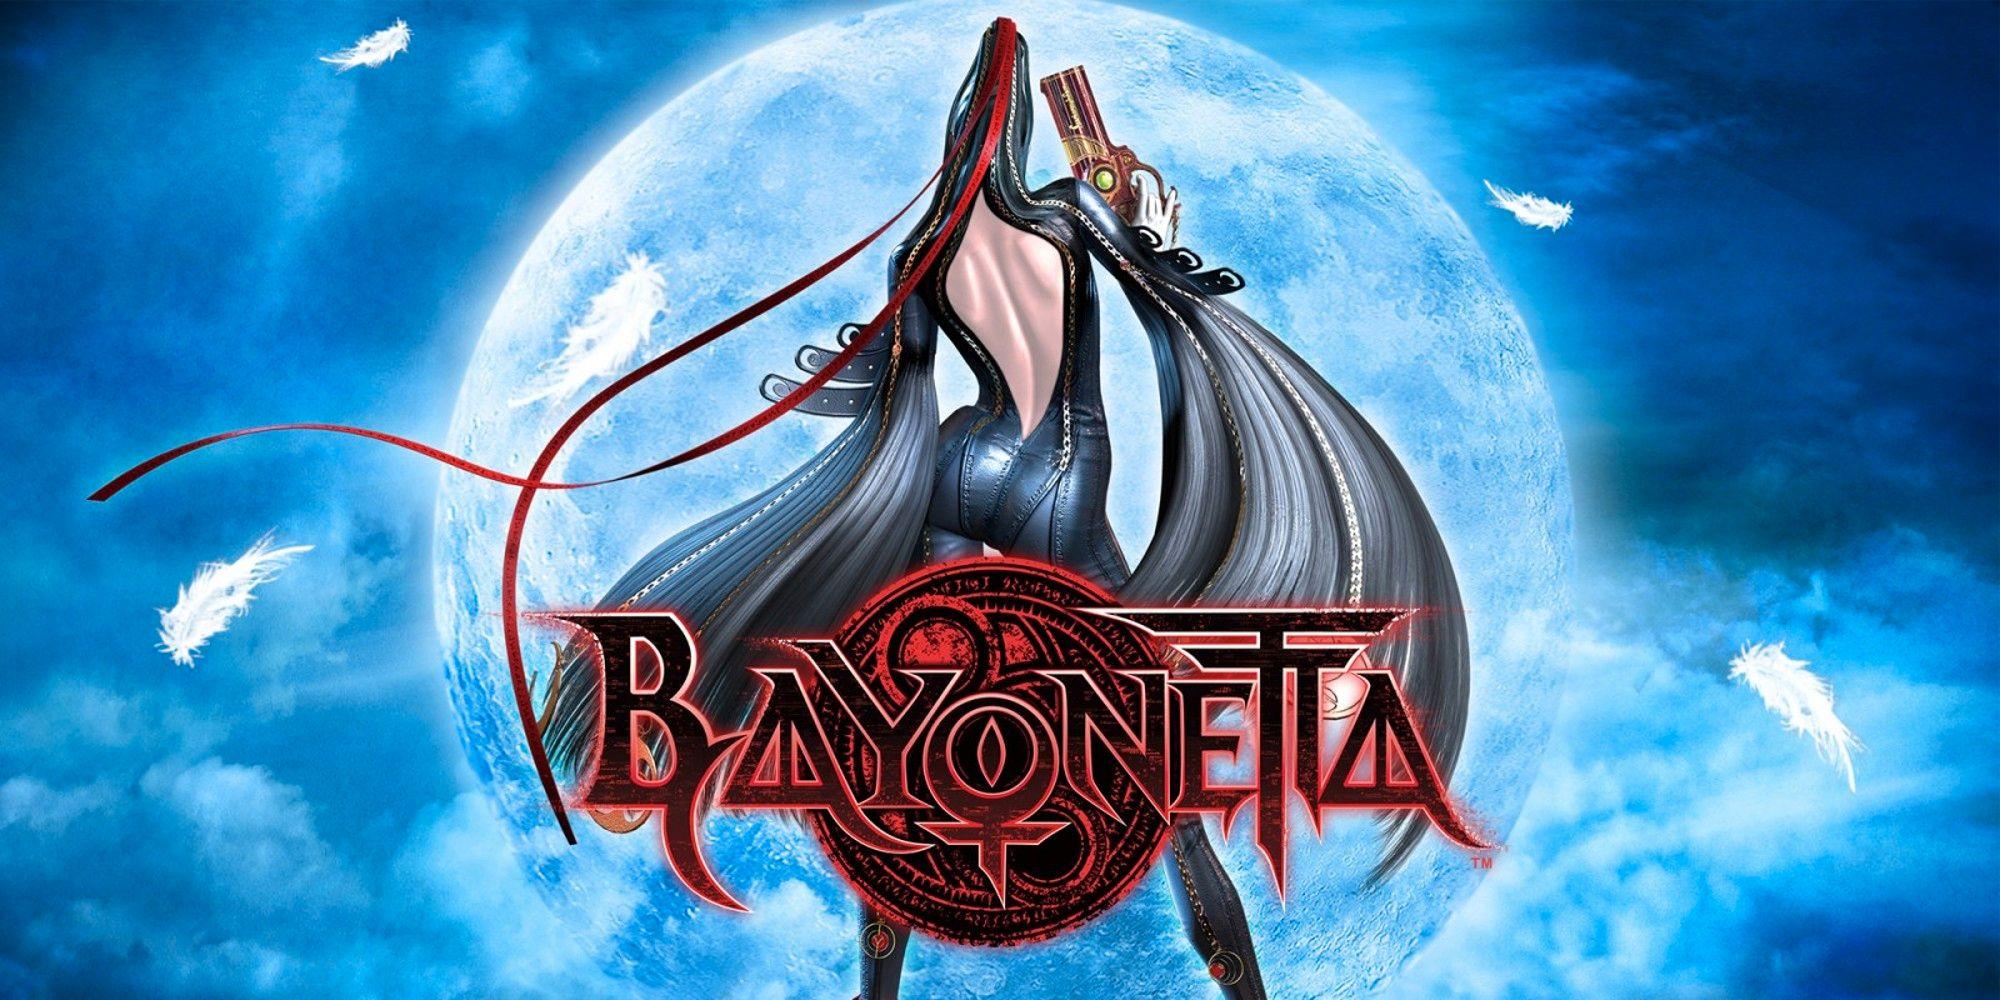 ¿Cuánto tiempo se tarda en vencer a Bayonetta?